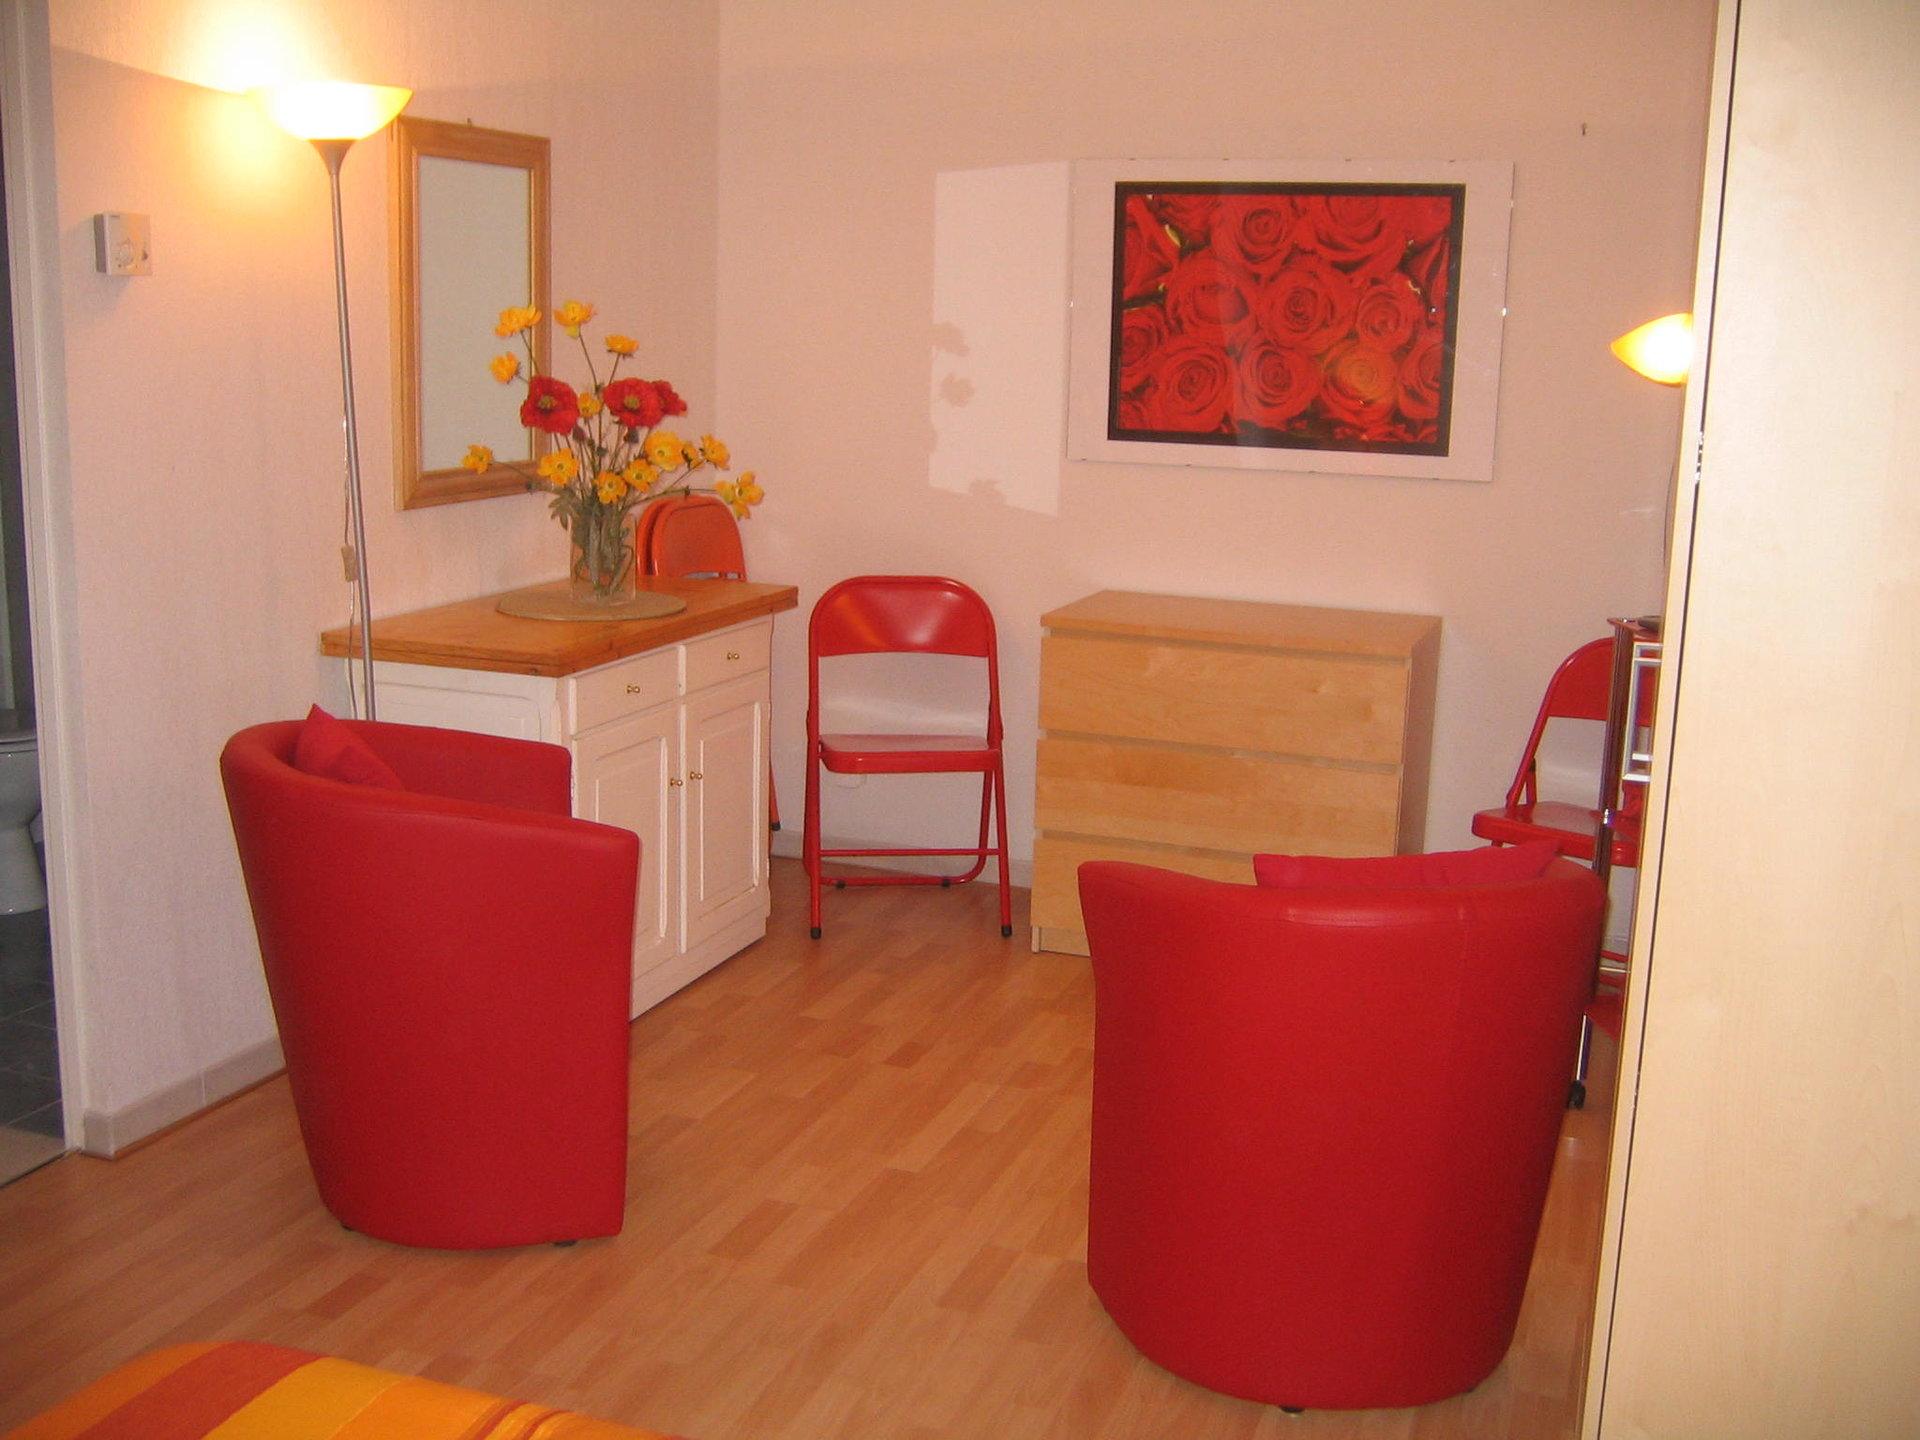 Location meublée à l'année- Studio dans joli résidence moderne